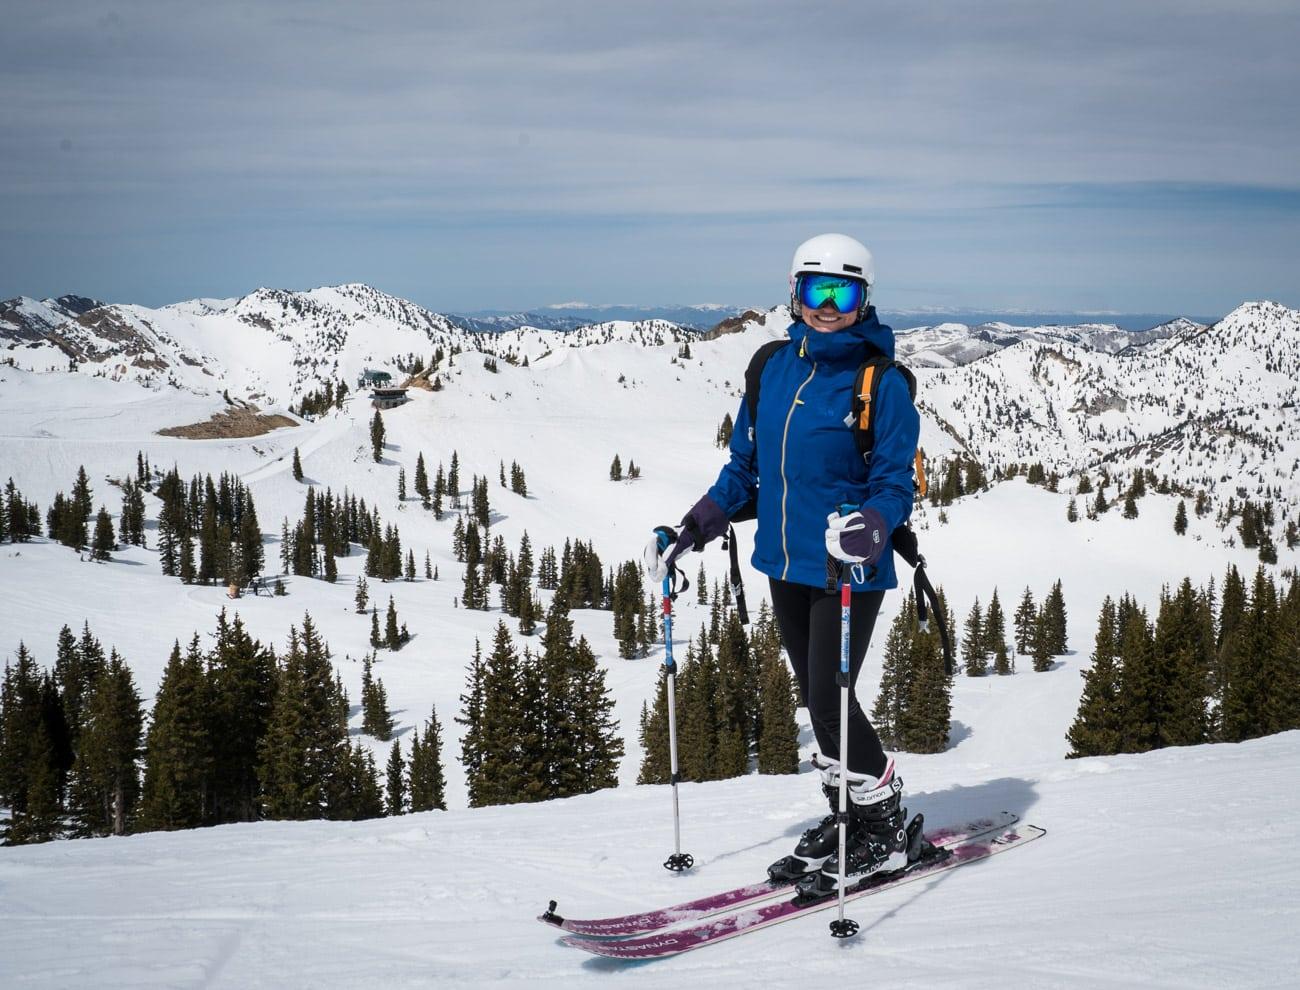 Skiing at Alta in Salt Lake City Utah